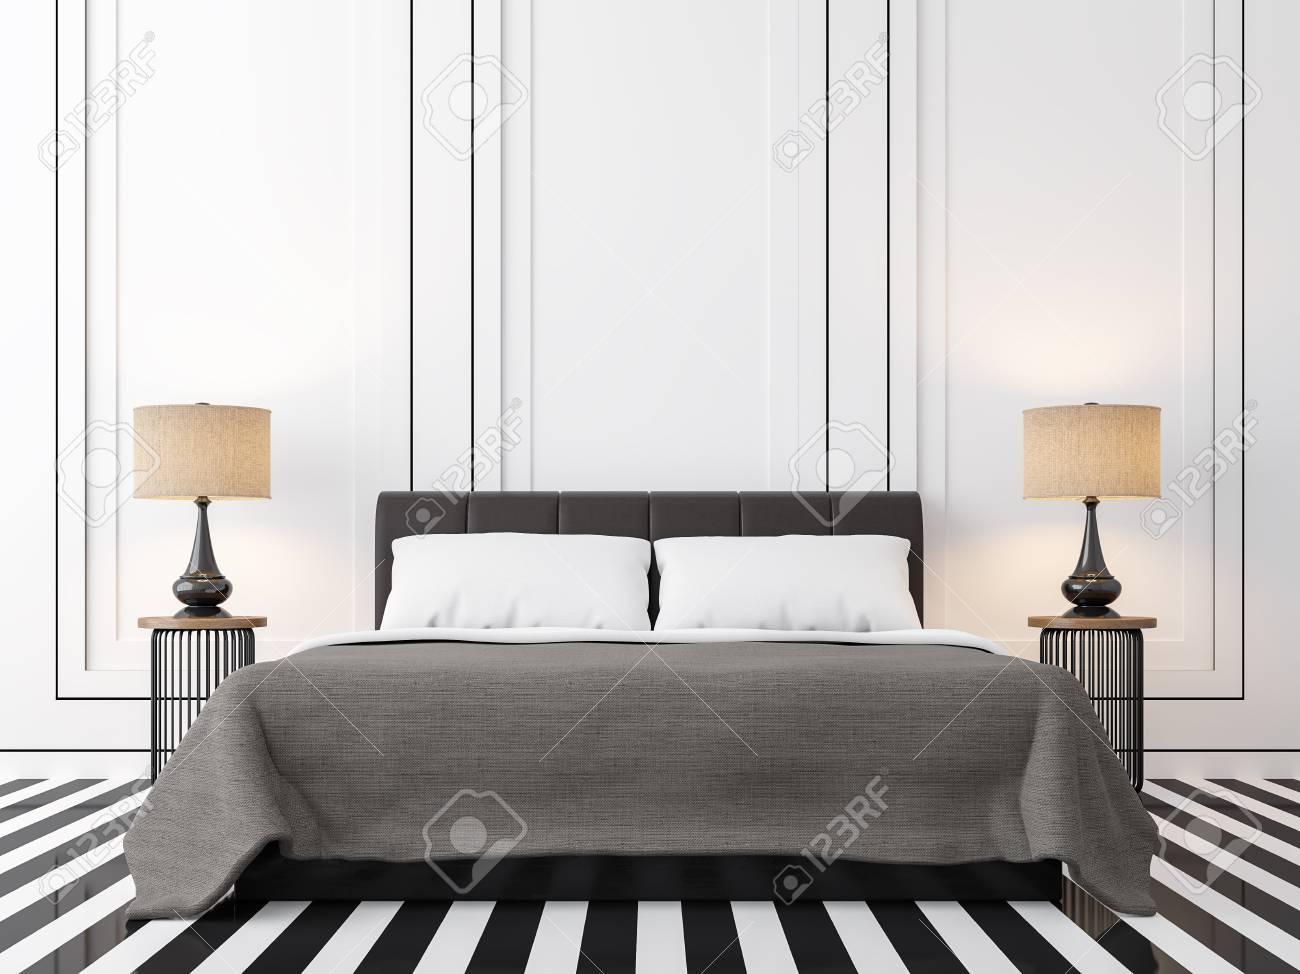 Chambre Vintage Moderne Avec Image De Rendu 3d En Noir Et Blanc. Il Y A Un  Sol Noir Et Blanc. Décor Mural Avec Gorge Noire Et Fini Avec Lit Marron  Foncé ...